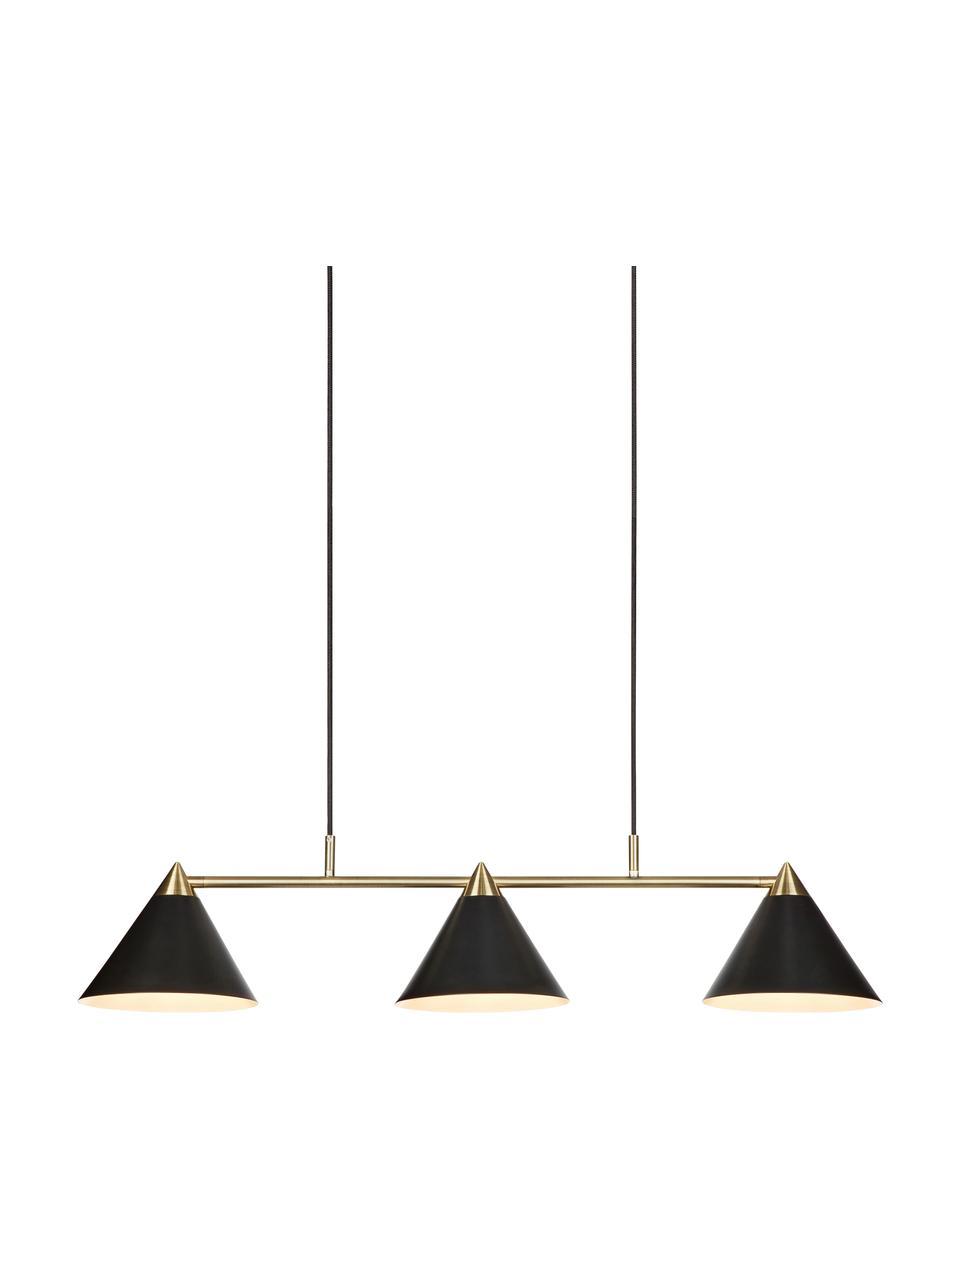 Lampada a sospensione Klint, Baldacchino: metallo rivestito, Nero, dorato, Larg. 99 x Alt. 21 cm